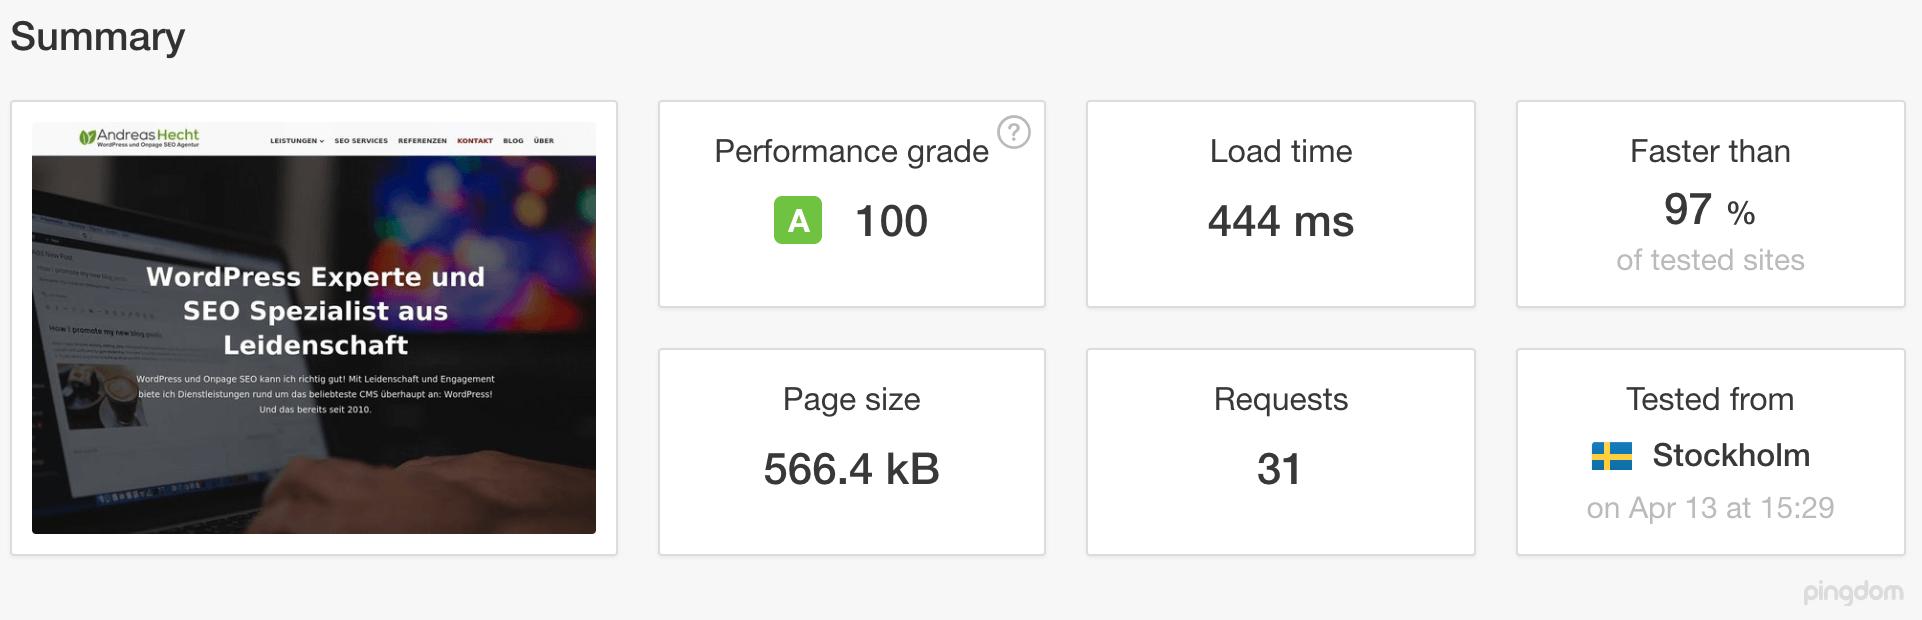 Das PageSpeed Ergebnis des Pingdom Tools Test für andreas-hecht.com